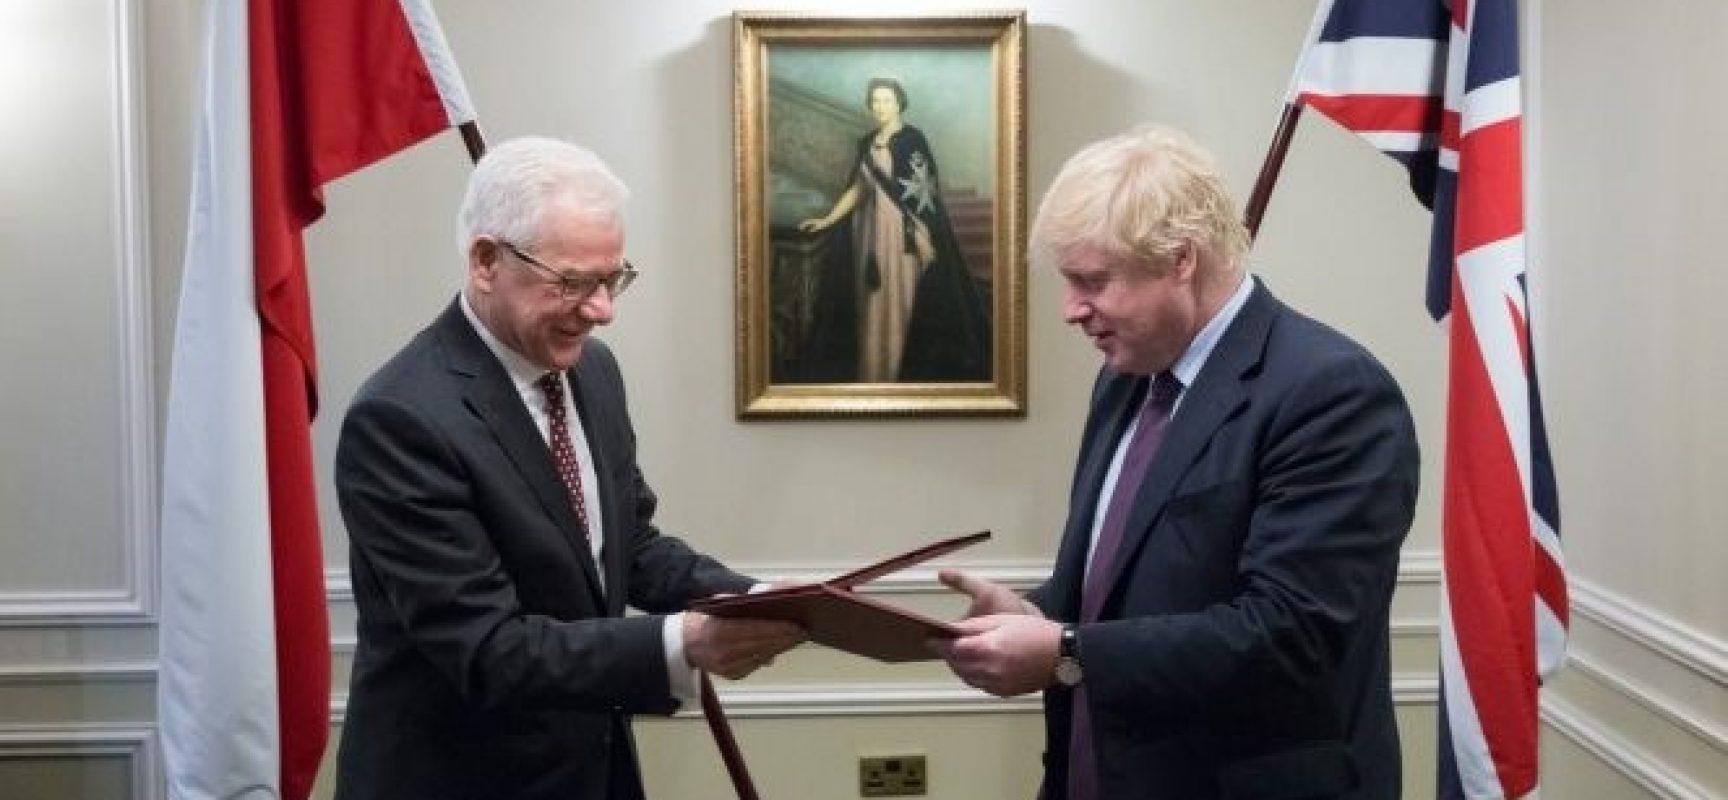 Руководители МИД Польши и Великобритании в деле покушения в Солсбери указывают на Россию